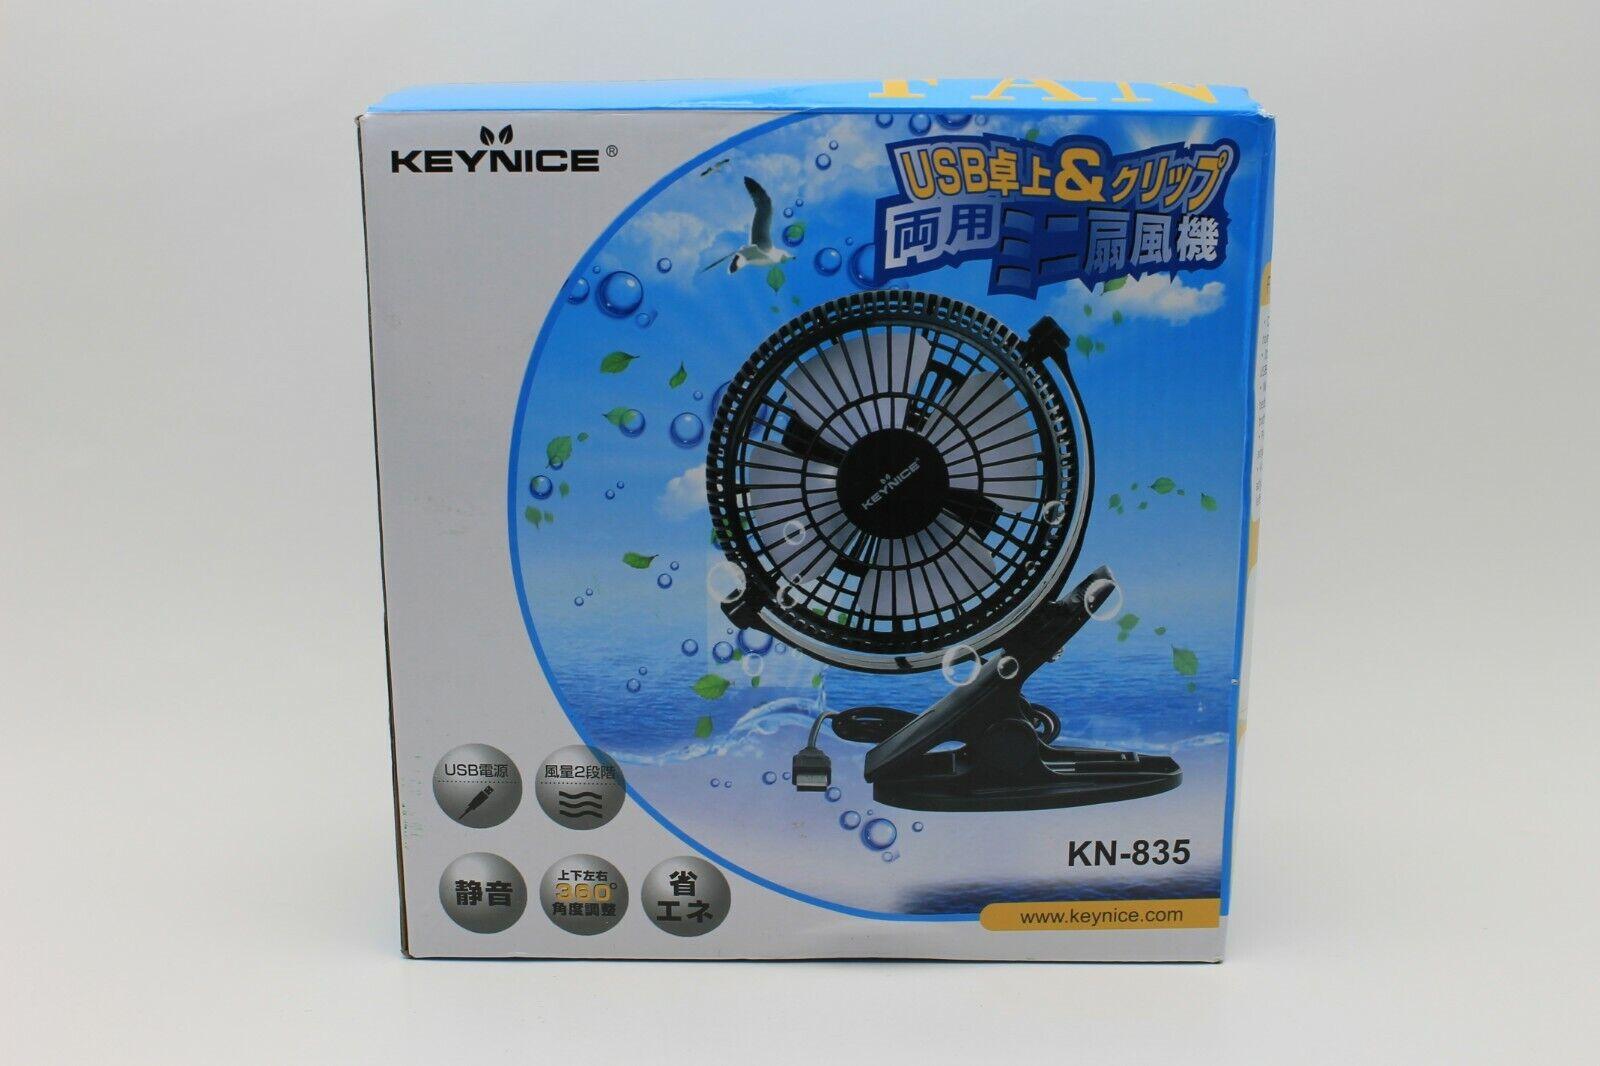 Blue Mini Desk Fan 2 in 1 Applications KEYNICE USB Clip Desk Personal Fan Small Desktop Fan 4 Inch 2 Speed Portable Cooling Fan USB Powered by Net Book Strong Wind Clip on Fan Table Fans PC